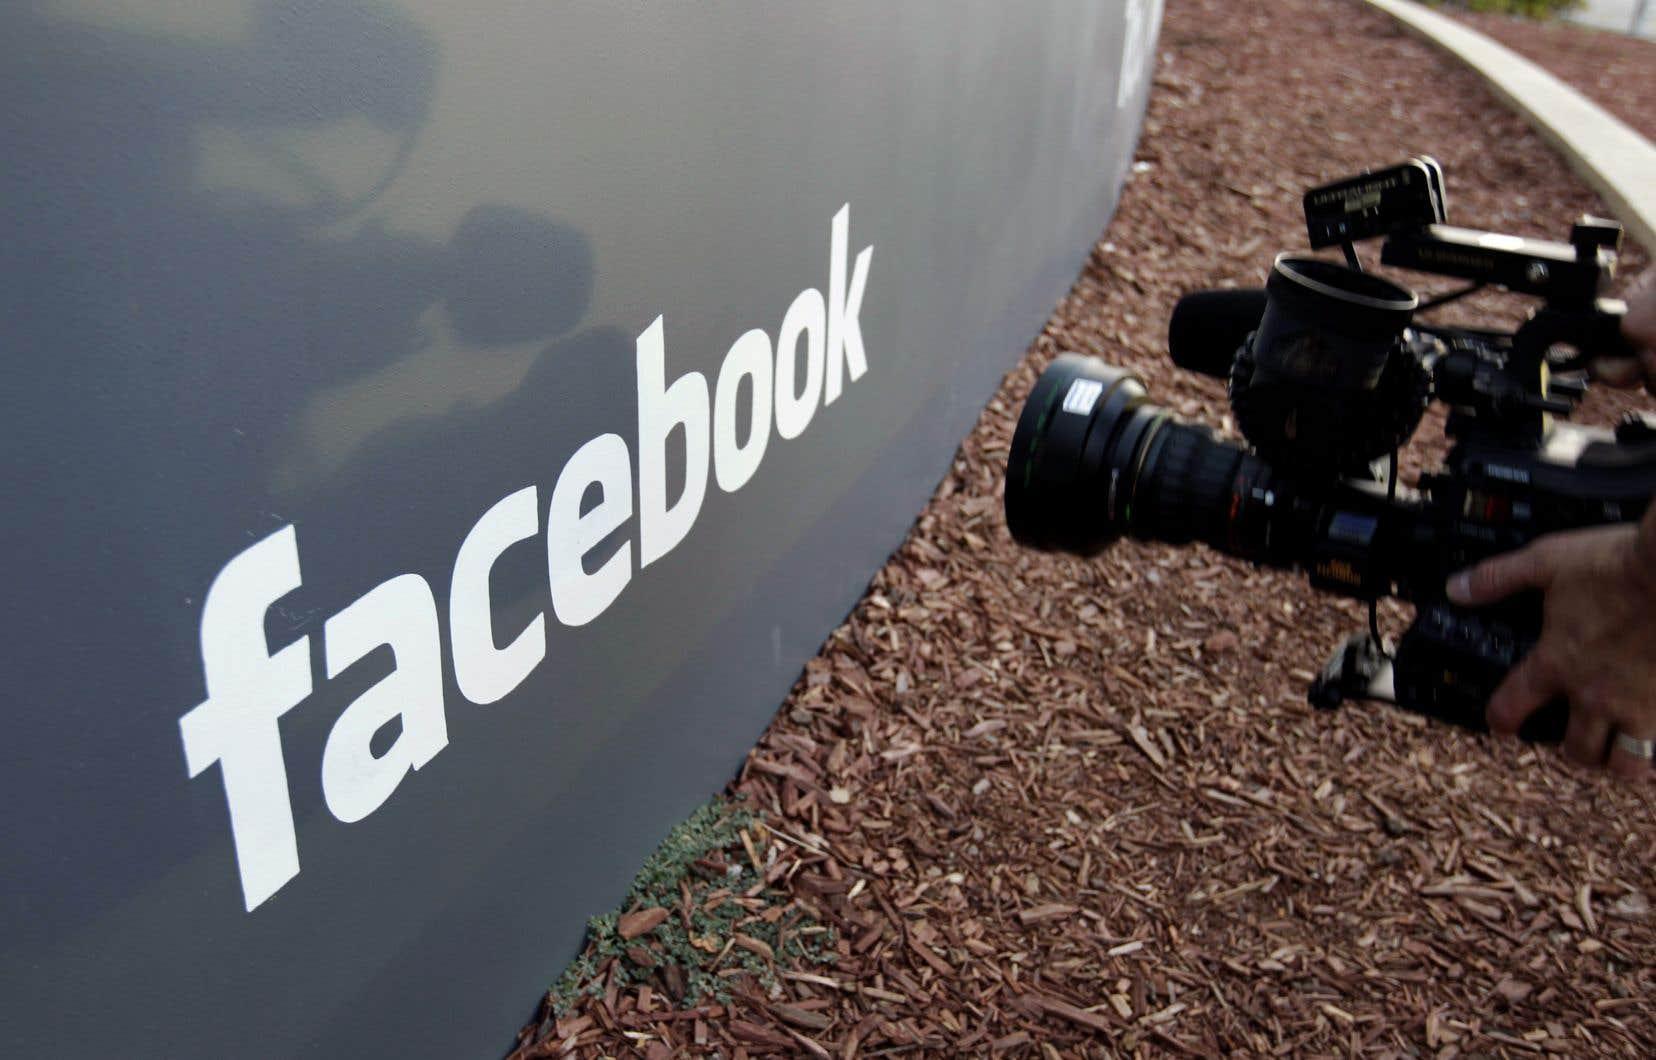 La FTC et Facebook seraient actuellement en train de négocier le montant d'un accord amiable qui permettrait à nouveau d'éviter des poursuites en justice.